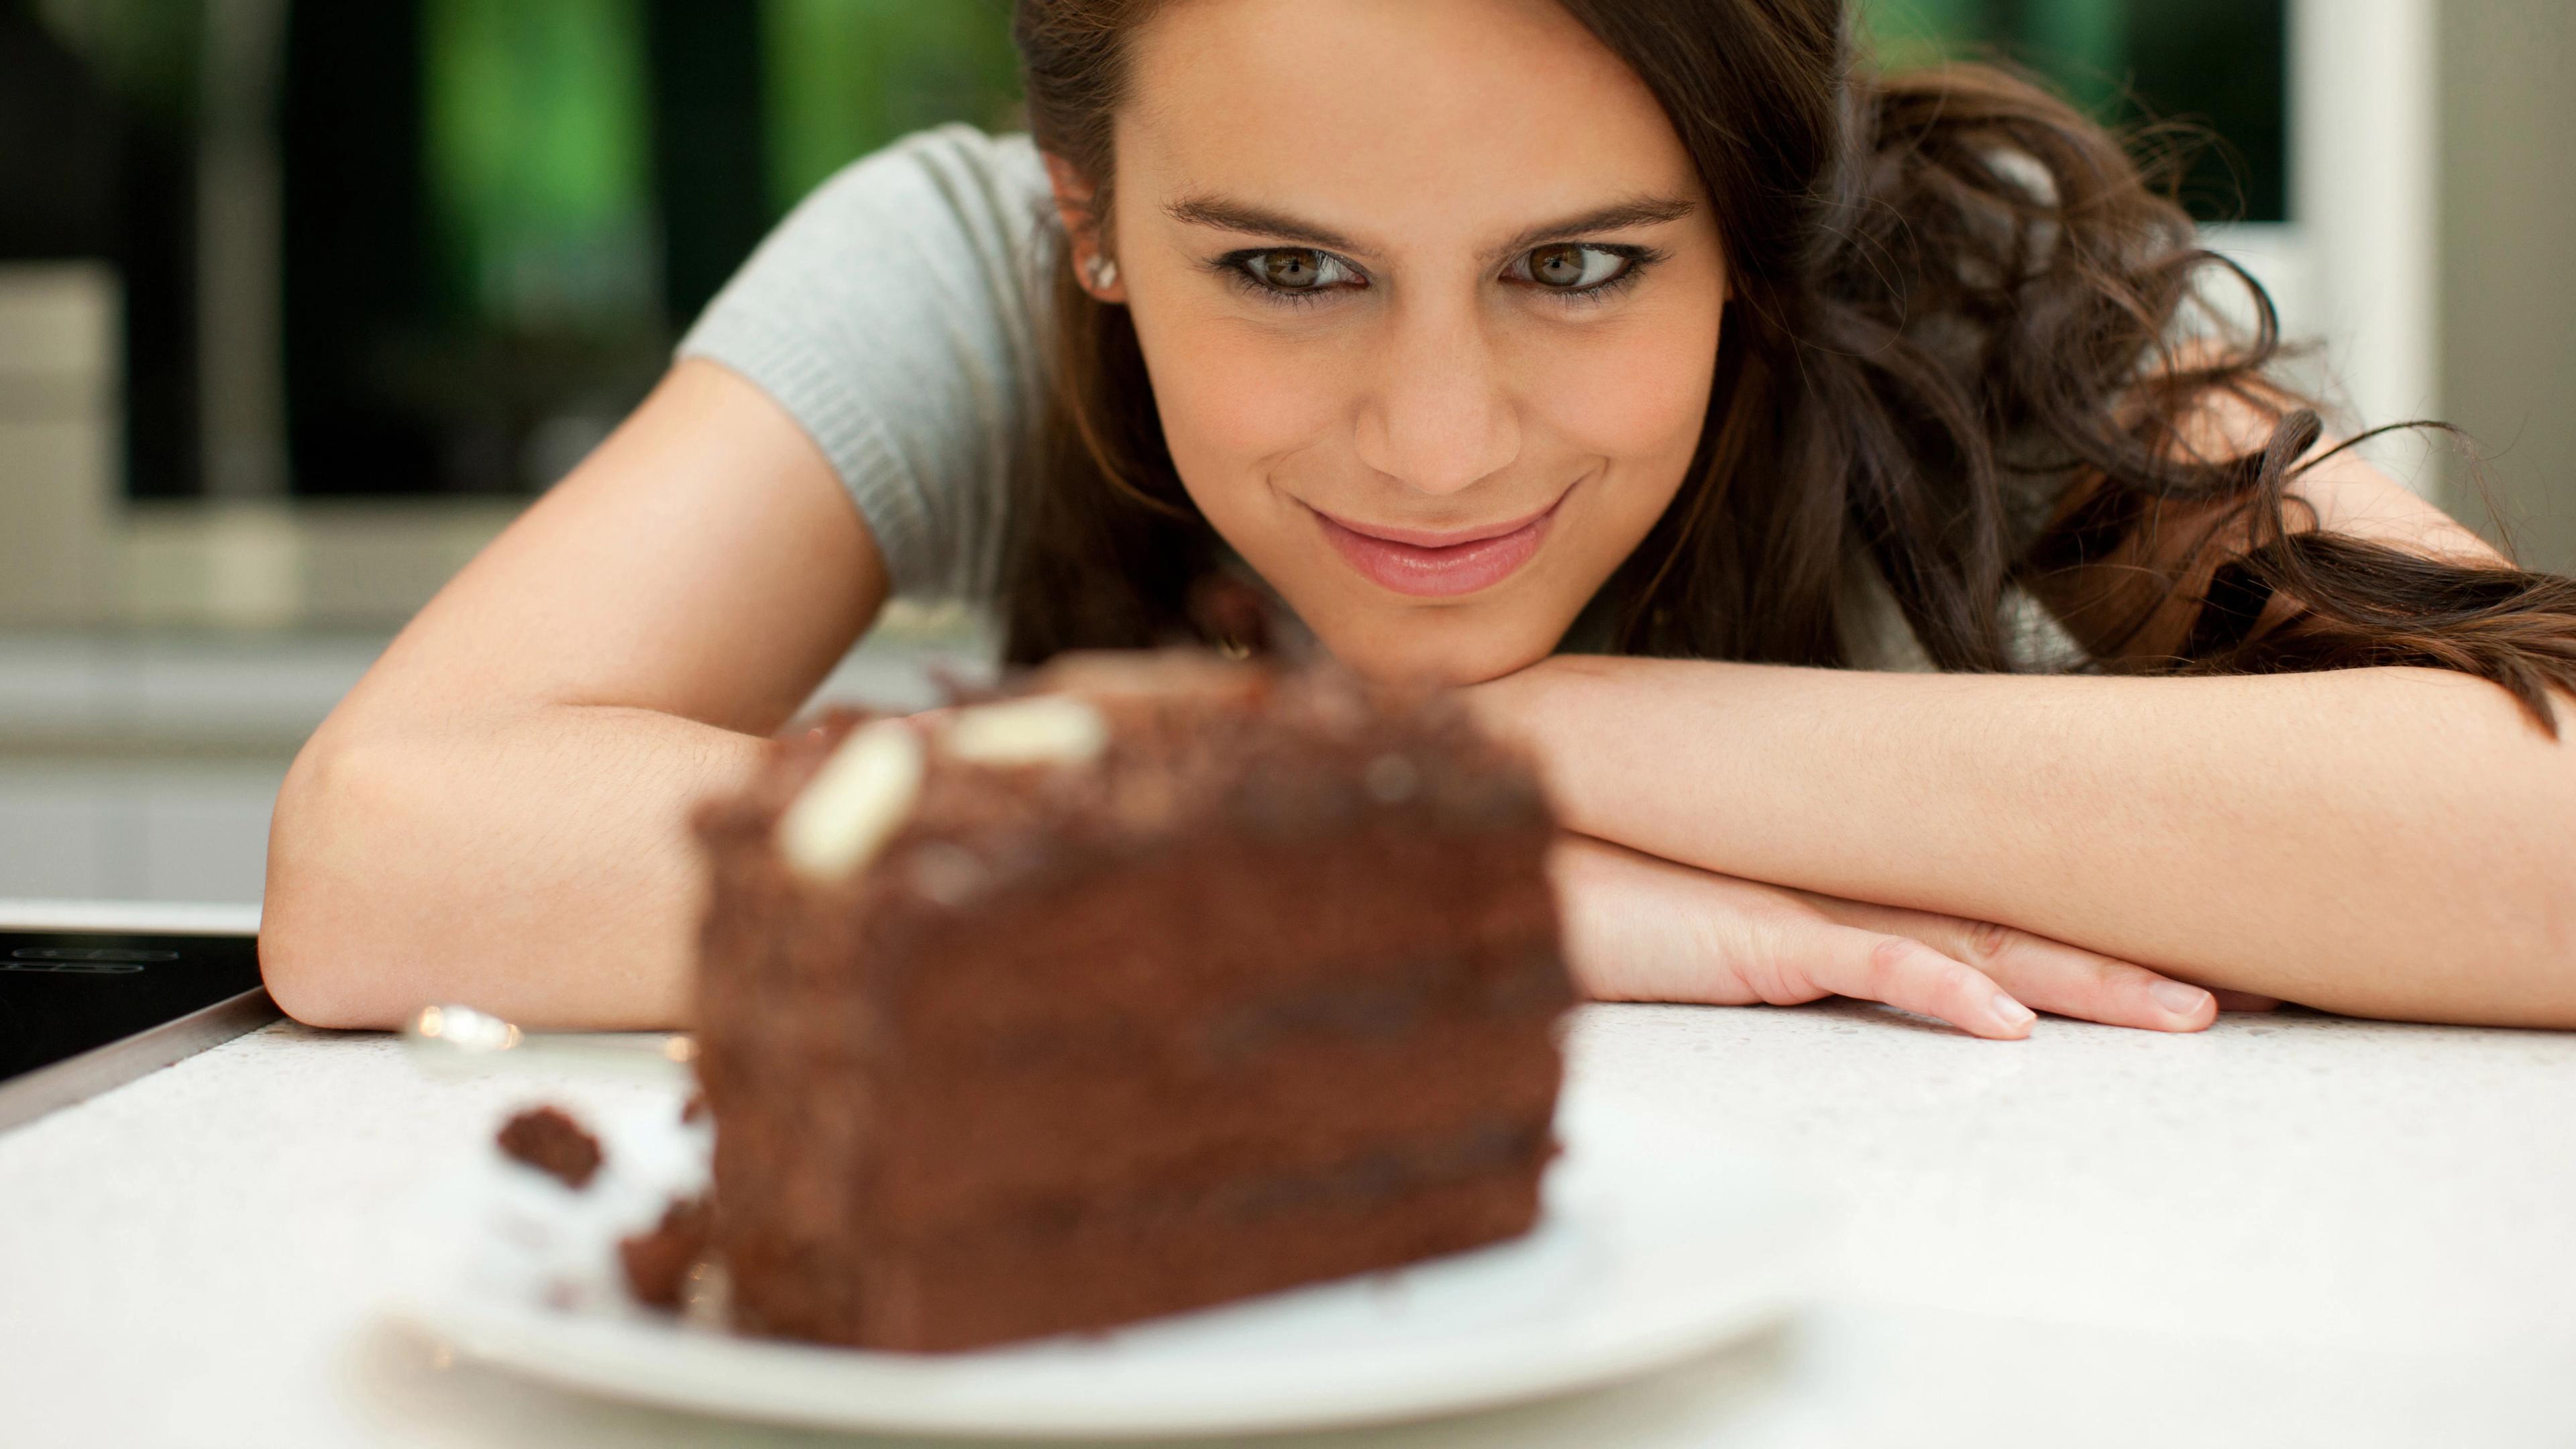 Время употребления шоколада повлияло на метаболизм женщин